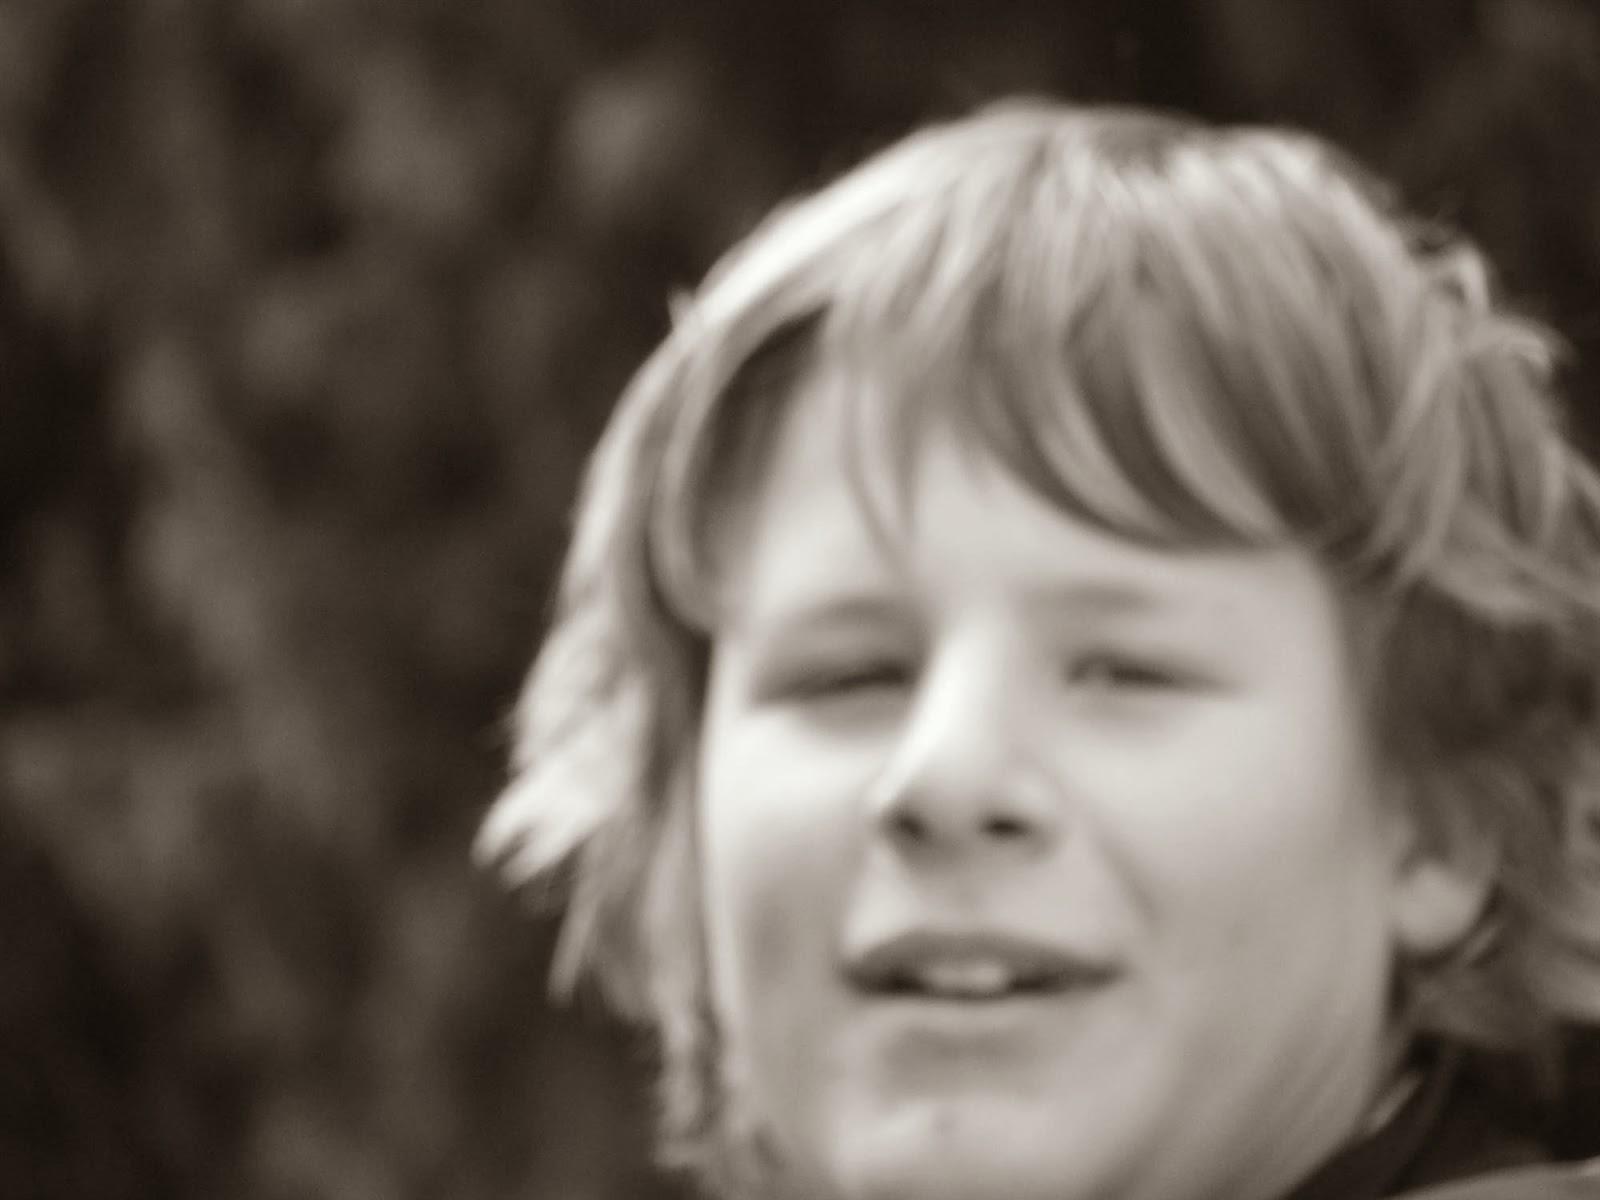 Motivacijski vikend, Strunjan 2005 - KIF_2023.JPG